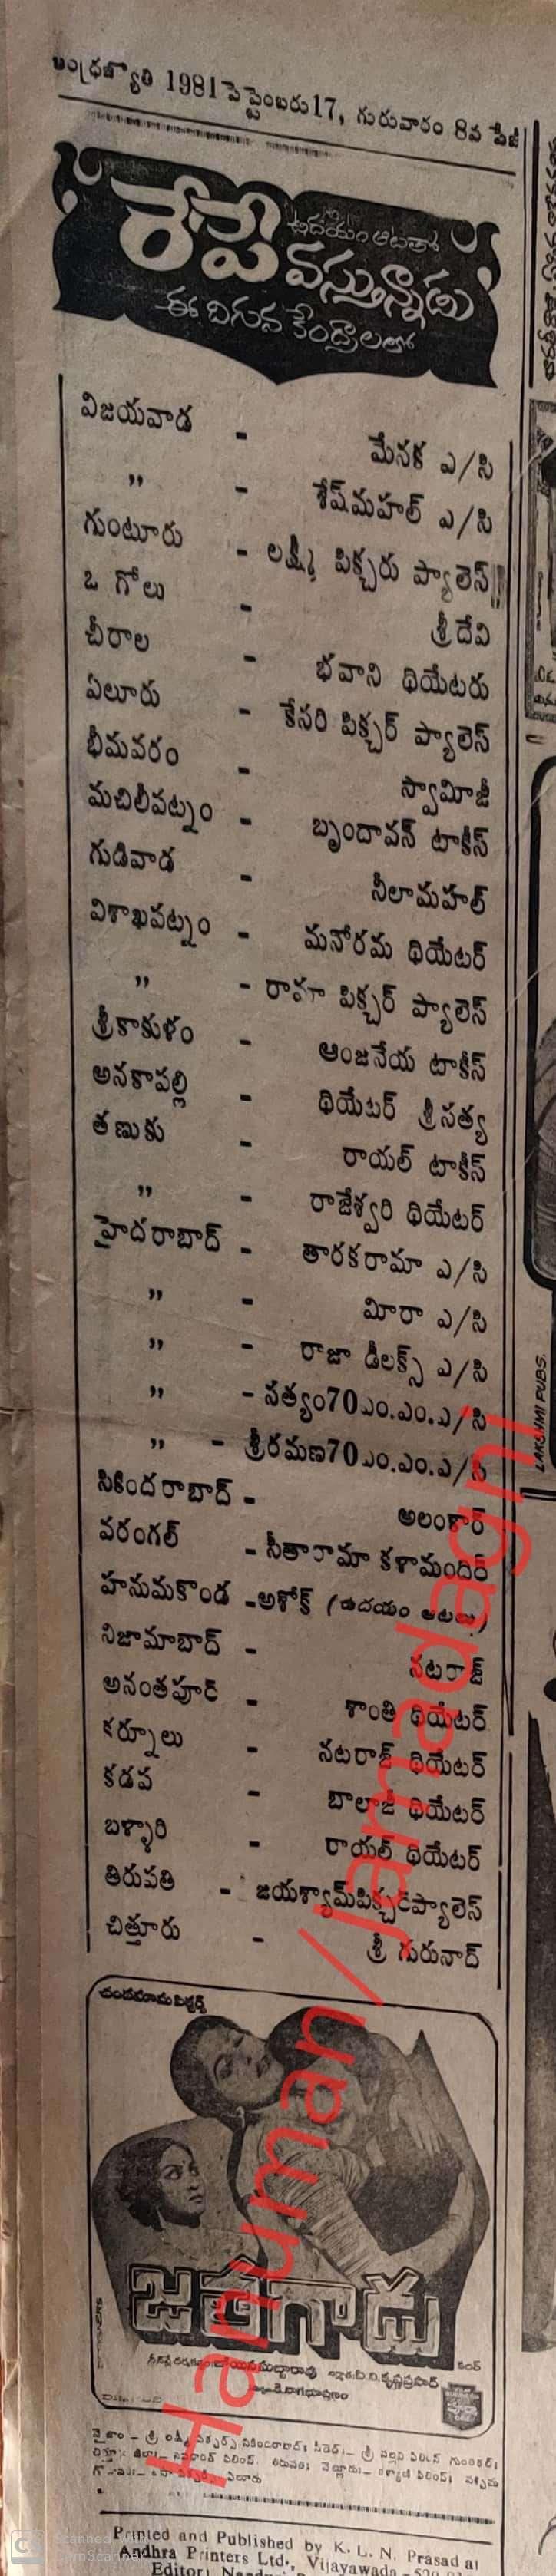 Jathagadu cent.jpg